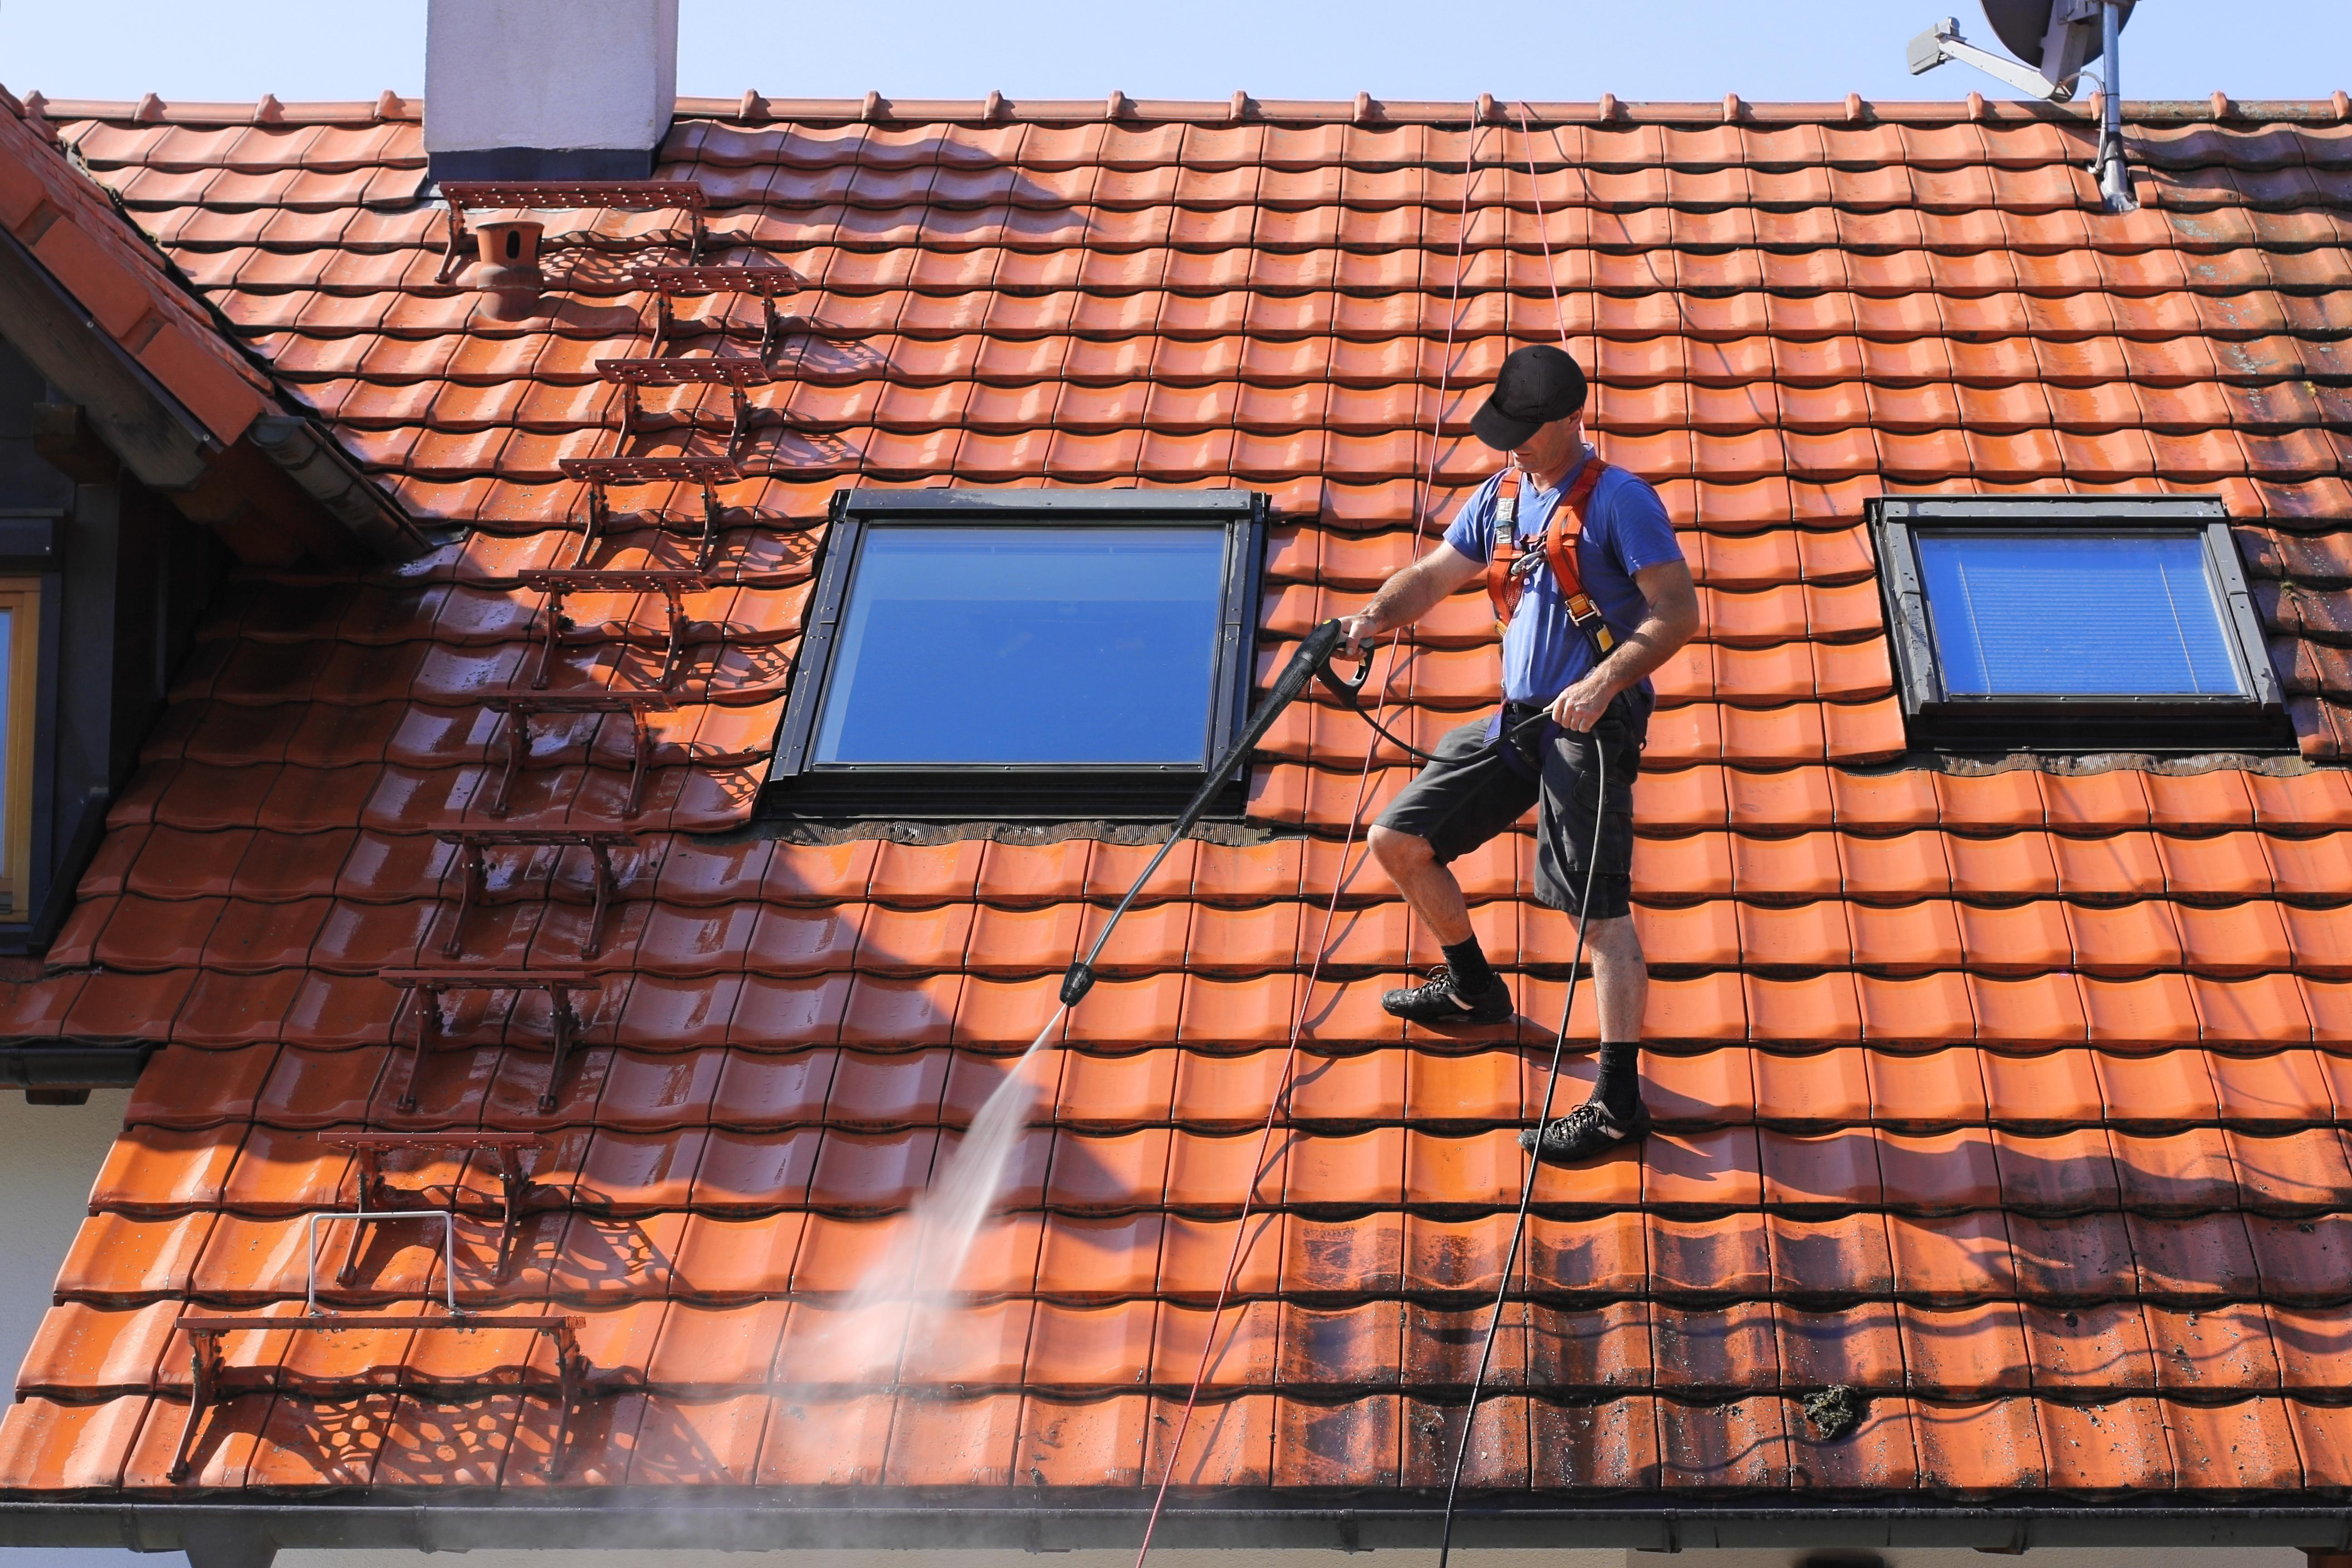 Entreprise experte en rénovation et nettoyage de toiture | Woodtech